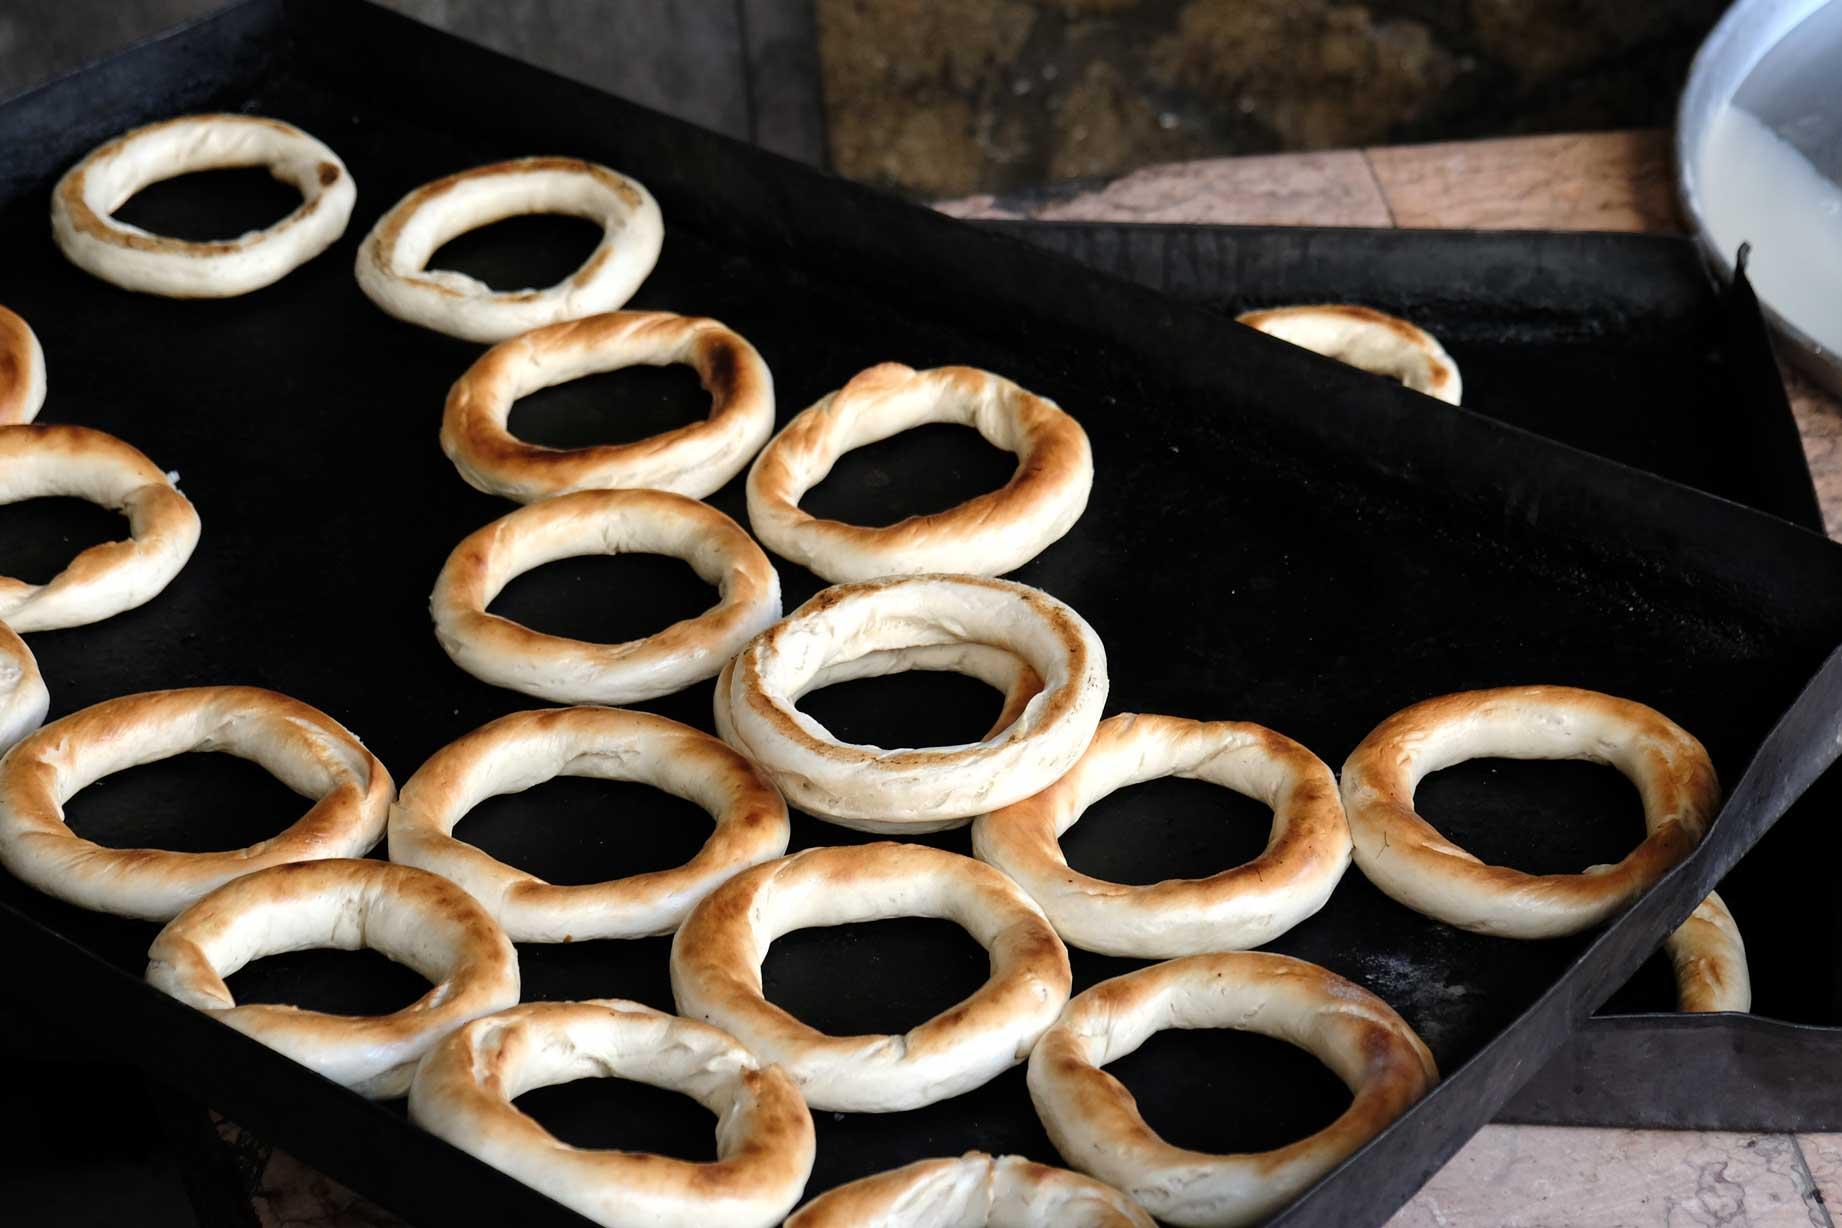 Und das schmeckt man! Die noch warmen Kringel sind einfach köstlich!